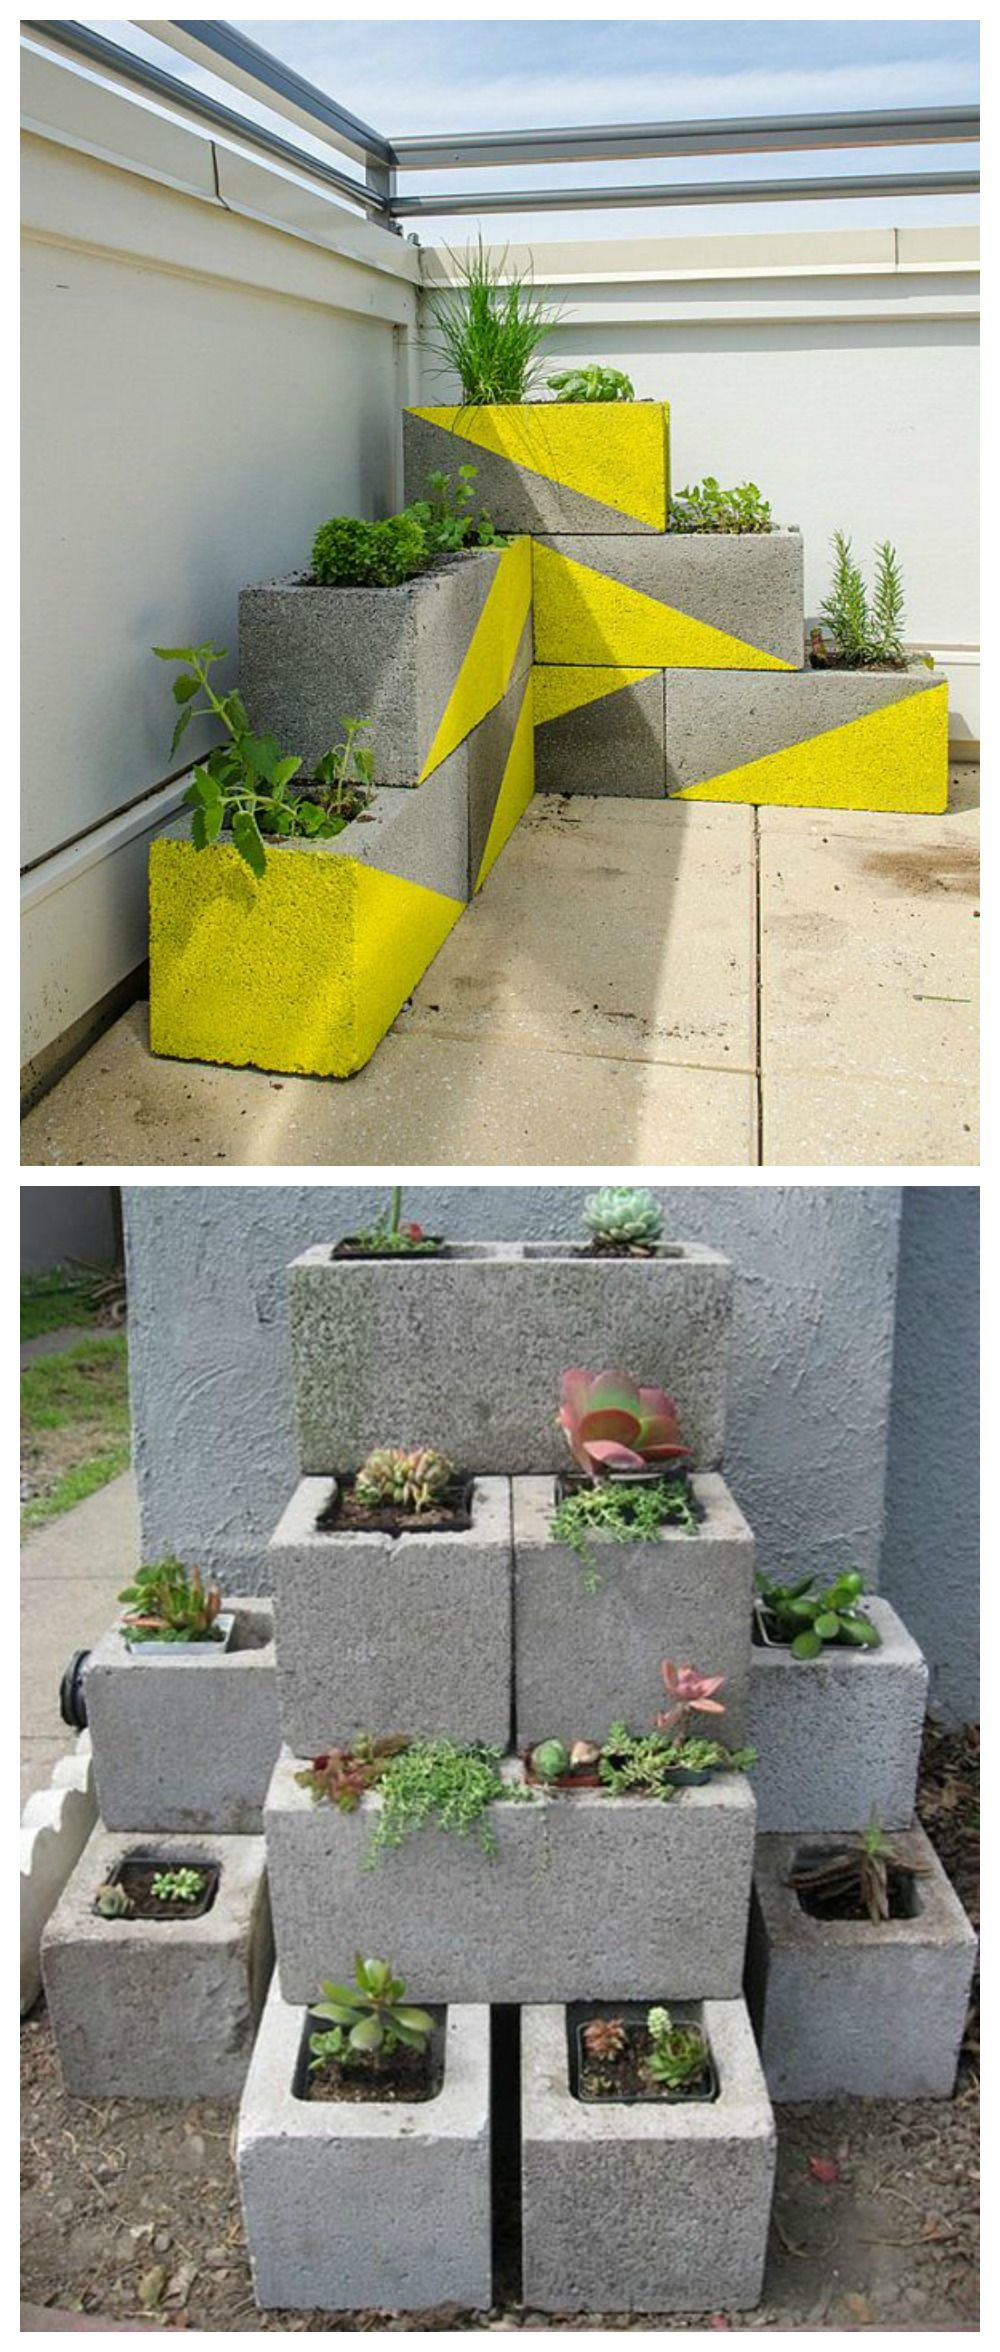 Muebles con bloques de hormig n muebles reciclados for Diseno de fuente de jardin al aire libre